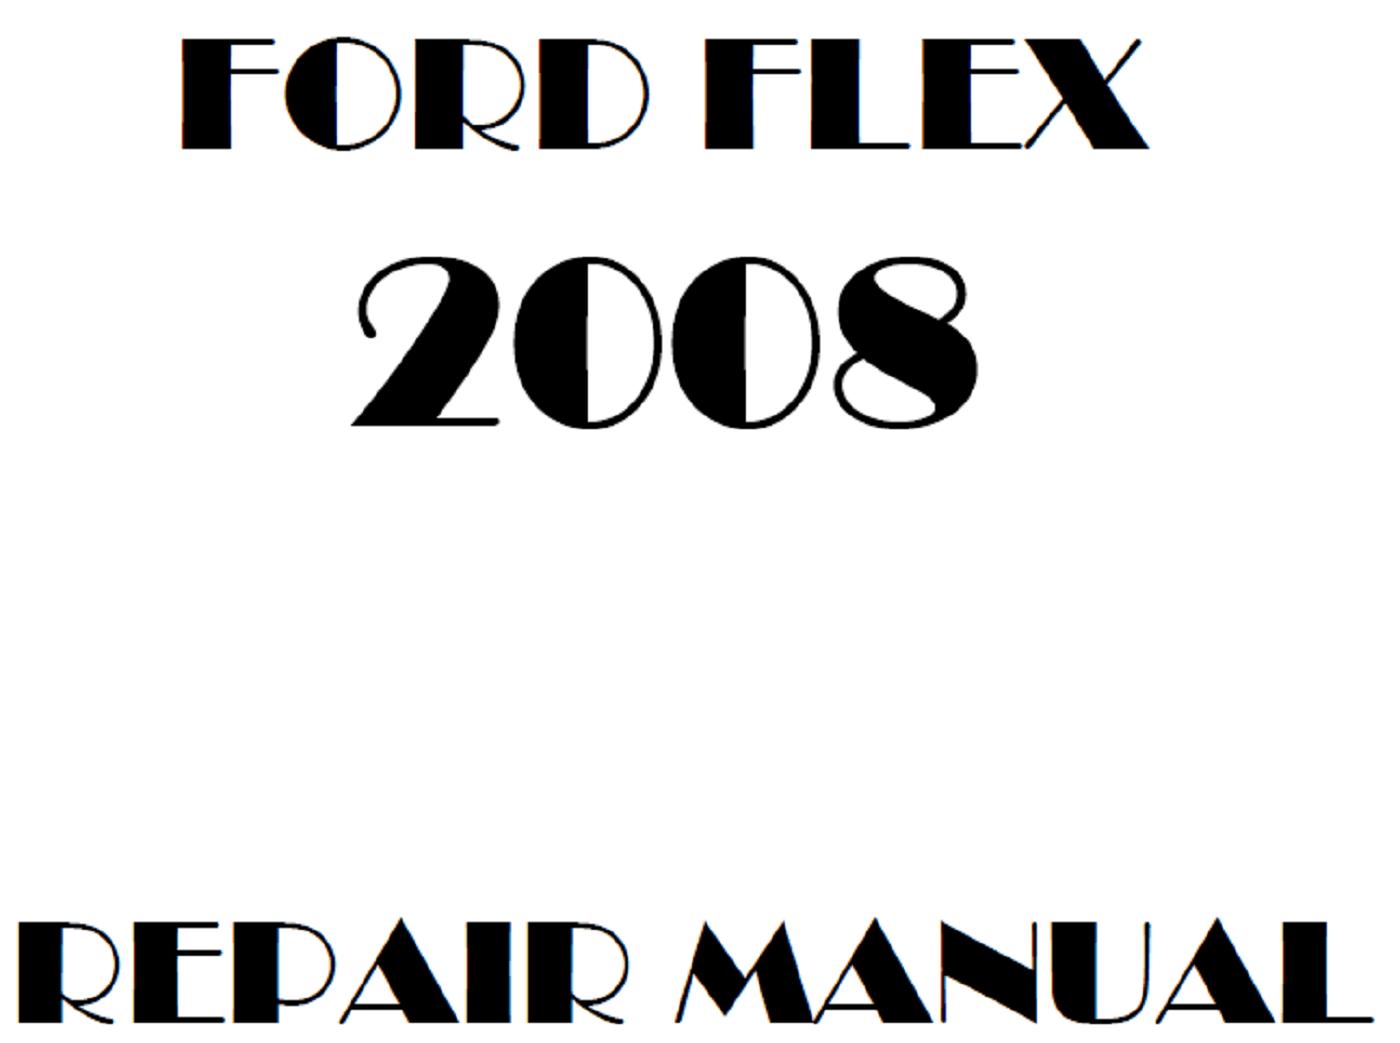 2008 Ford Flex repair manual